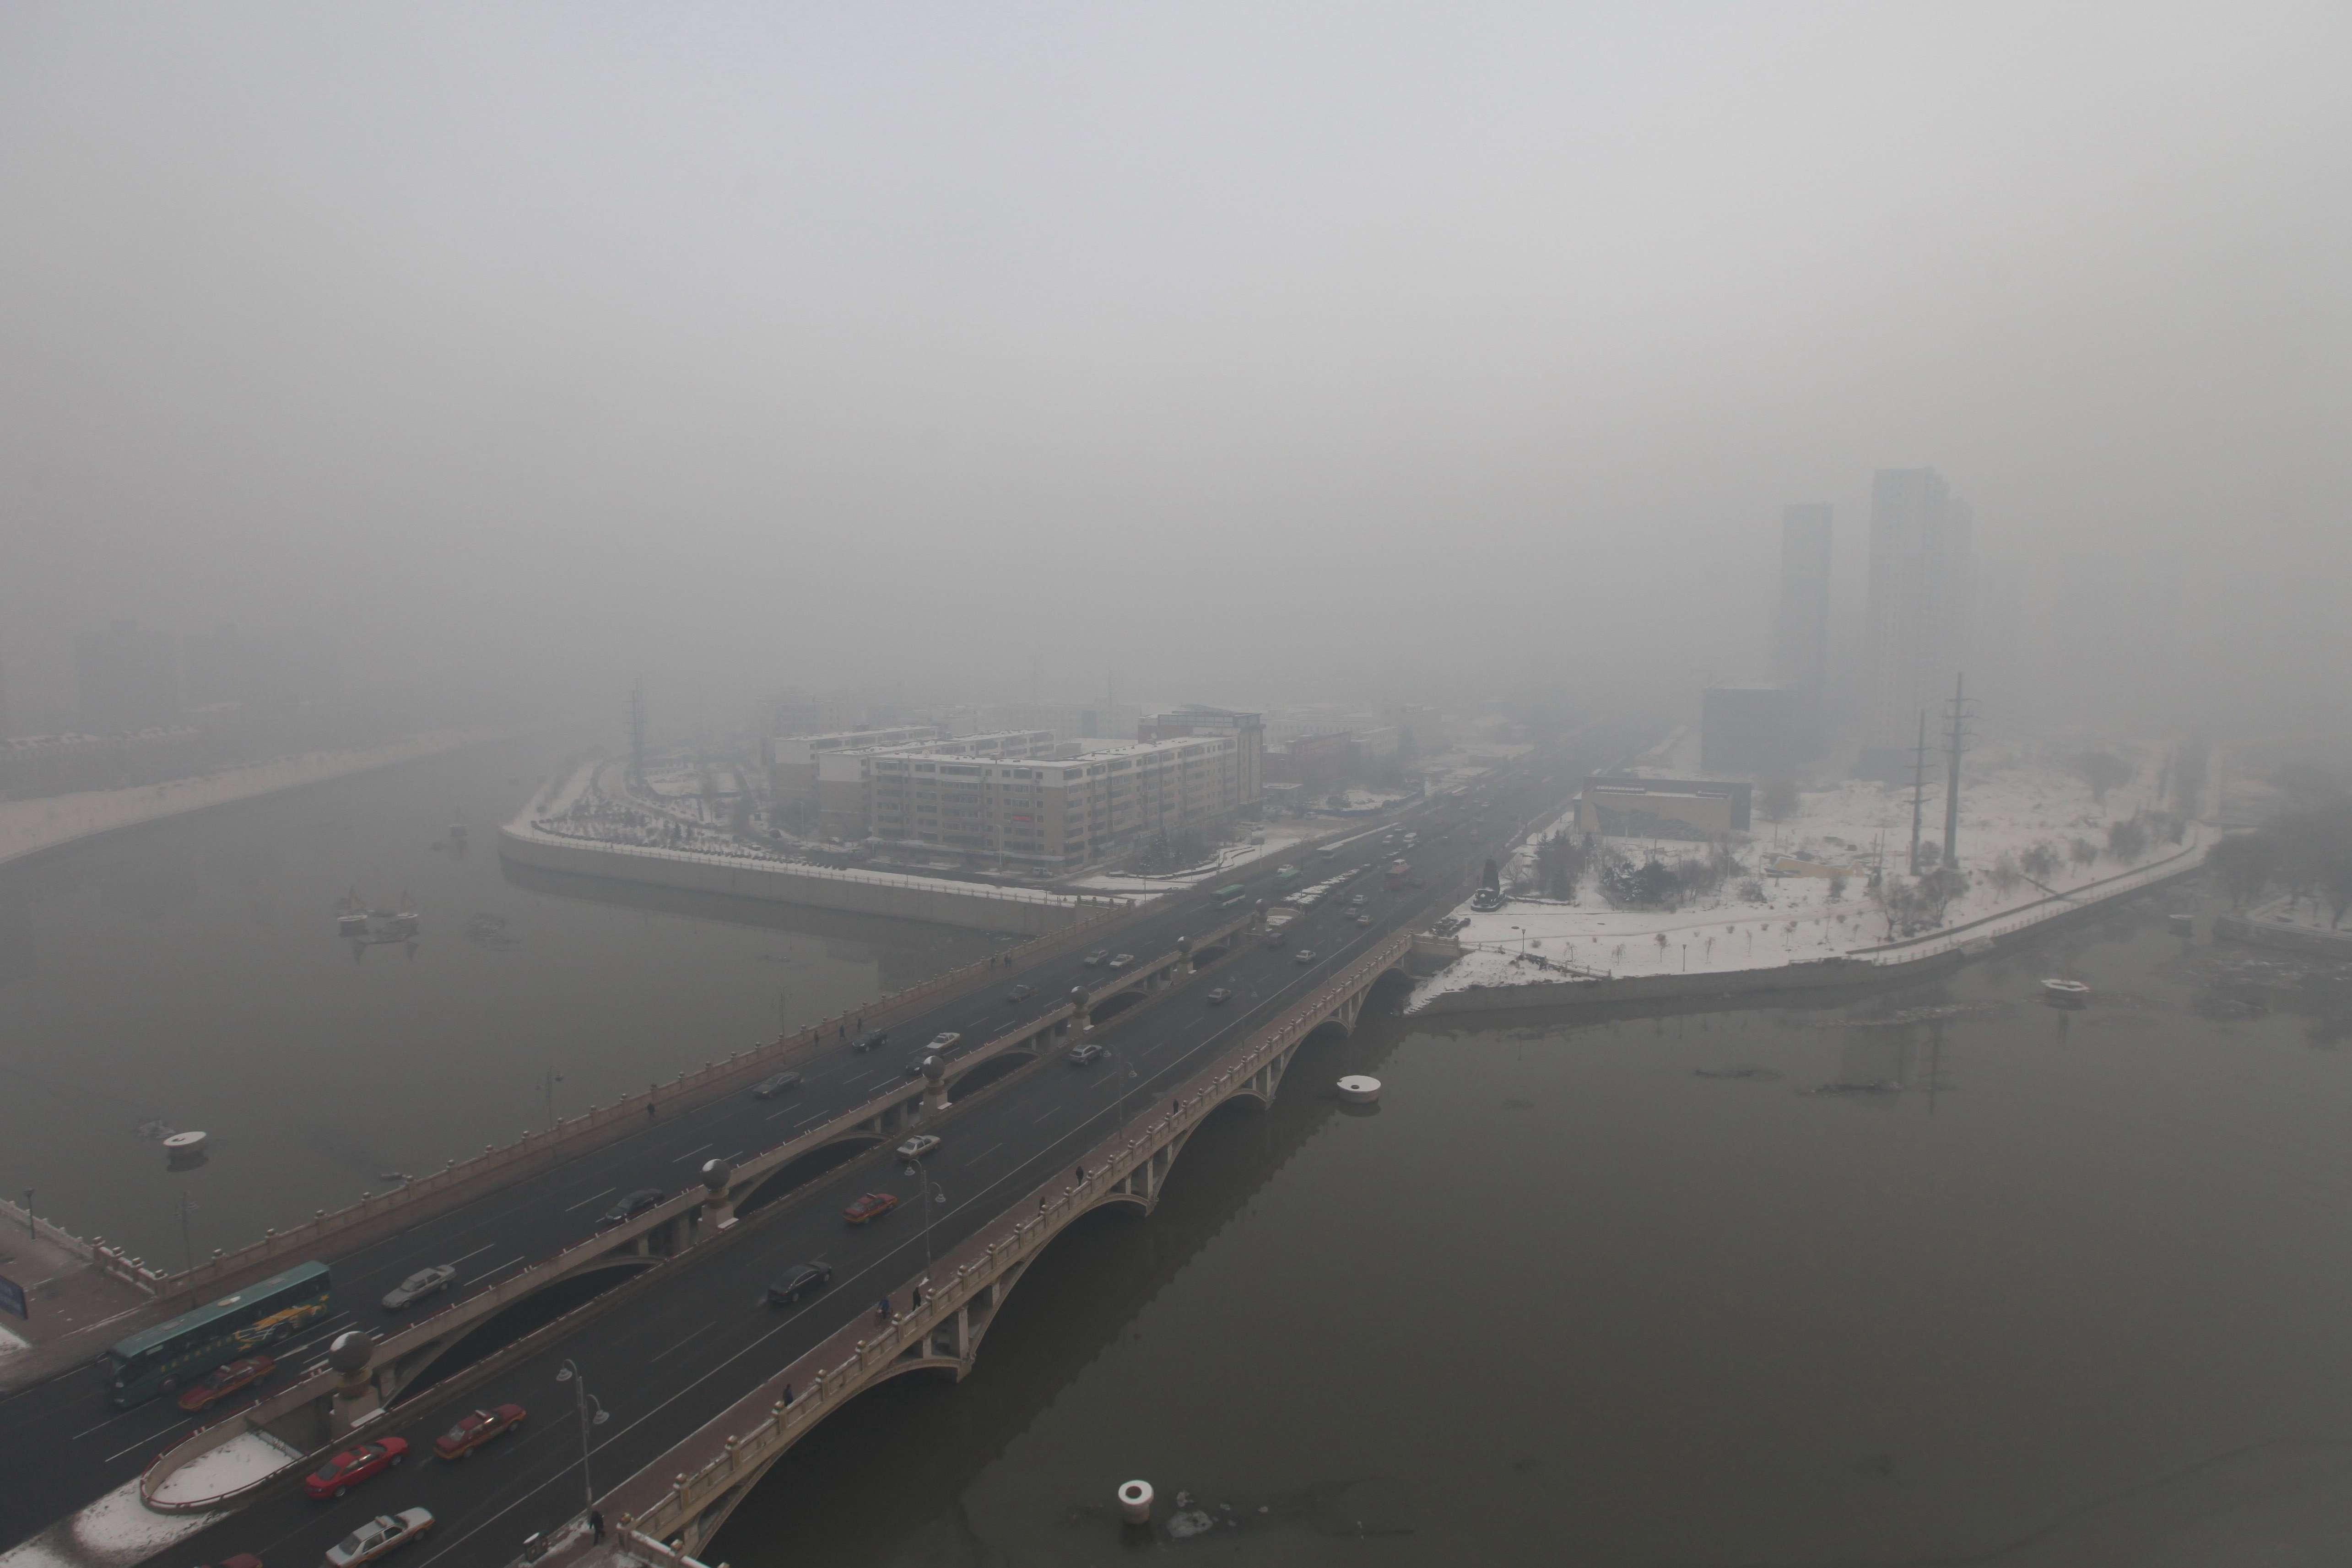 L'Organisation mondiale de la santé (OMS) recommande un plafond moyen de seulement... 25 microgrammes par vingt-quatre heures. Ces microparticules sont accusées d'être impliquées dans des centaines de milliers de morts prématurées en Chine, où ces pics de pollution sont fréquents.